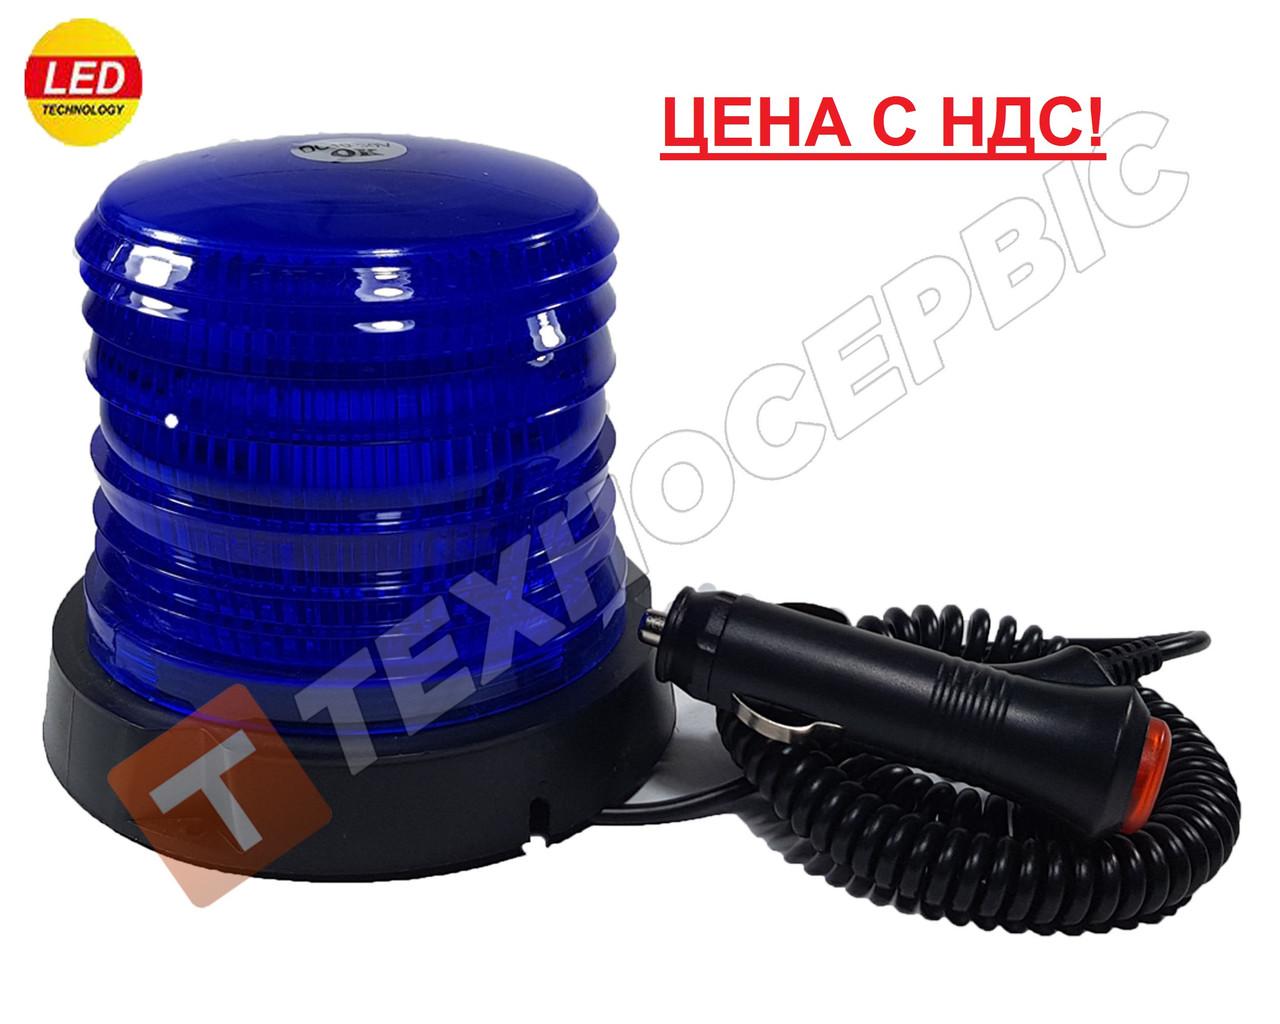 Маячок проблесковый,синий, светодиодный LED,12-24 Вольт (мигалка) магнитное крепление(Цена с НДС)